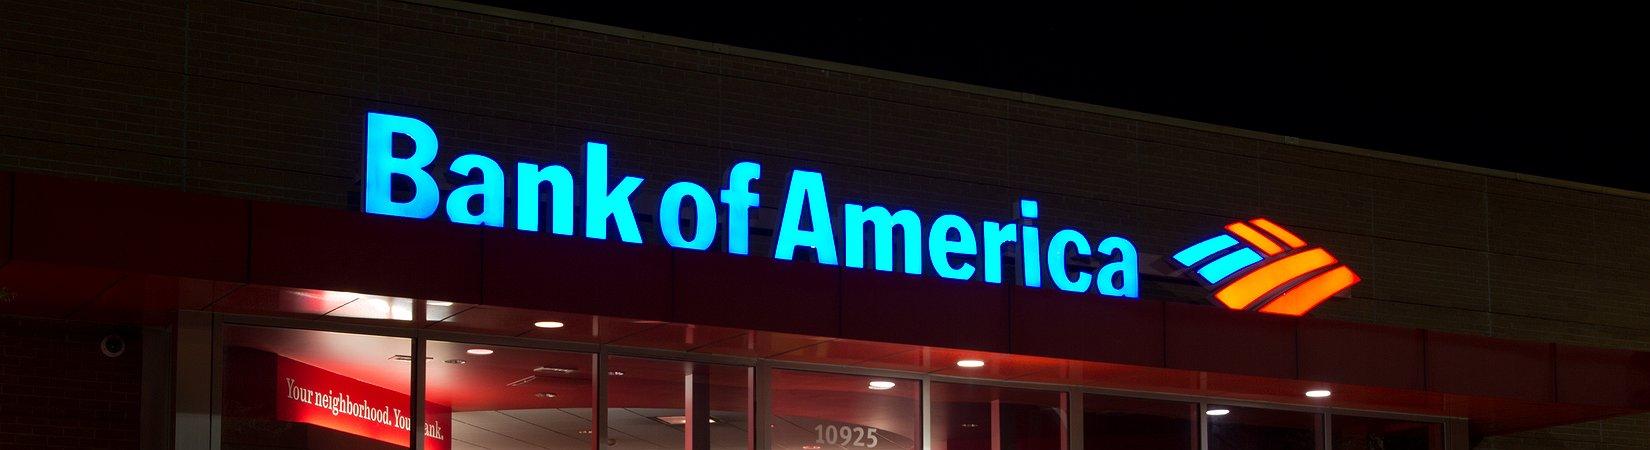 Bank of America: Реальную стоимость криптовалют невозможно оценить